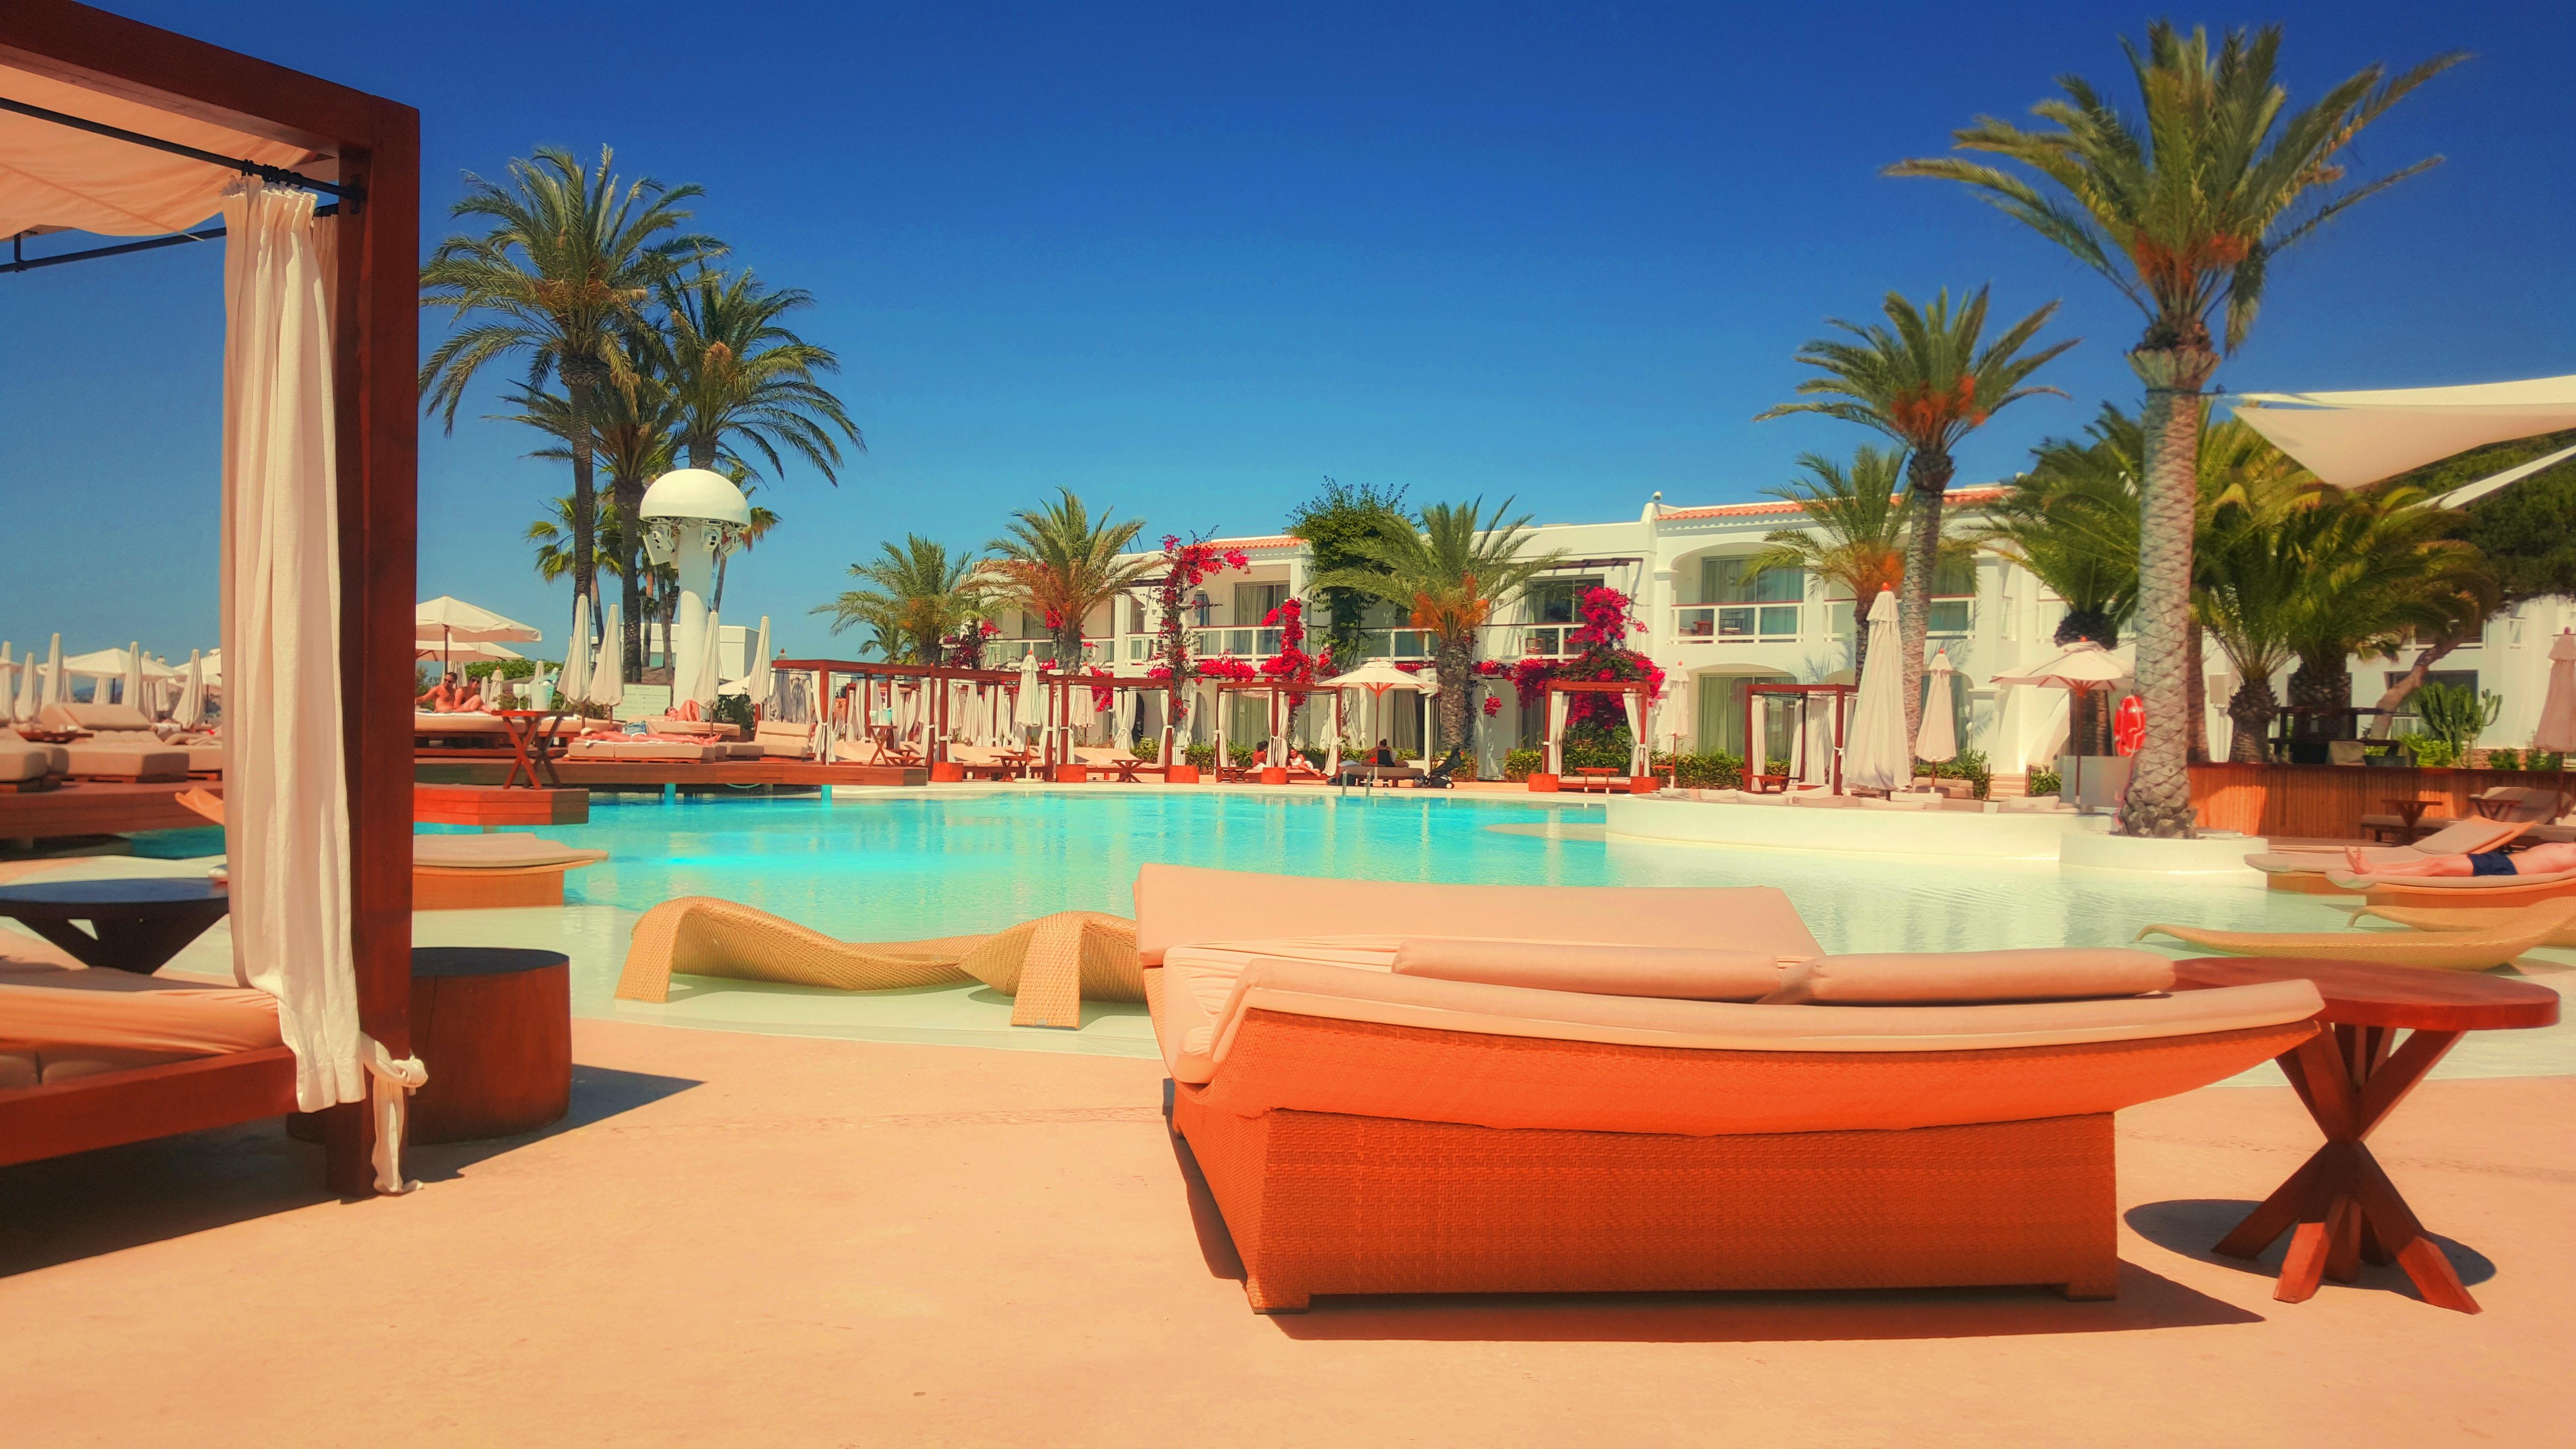 Hotel con pileta- Administración Hotelera-nota-viaedu